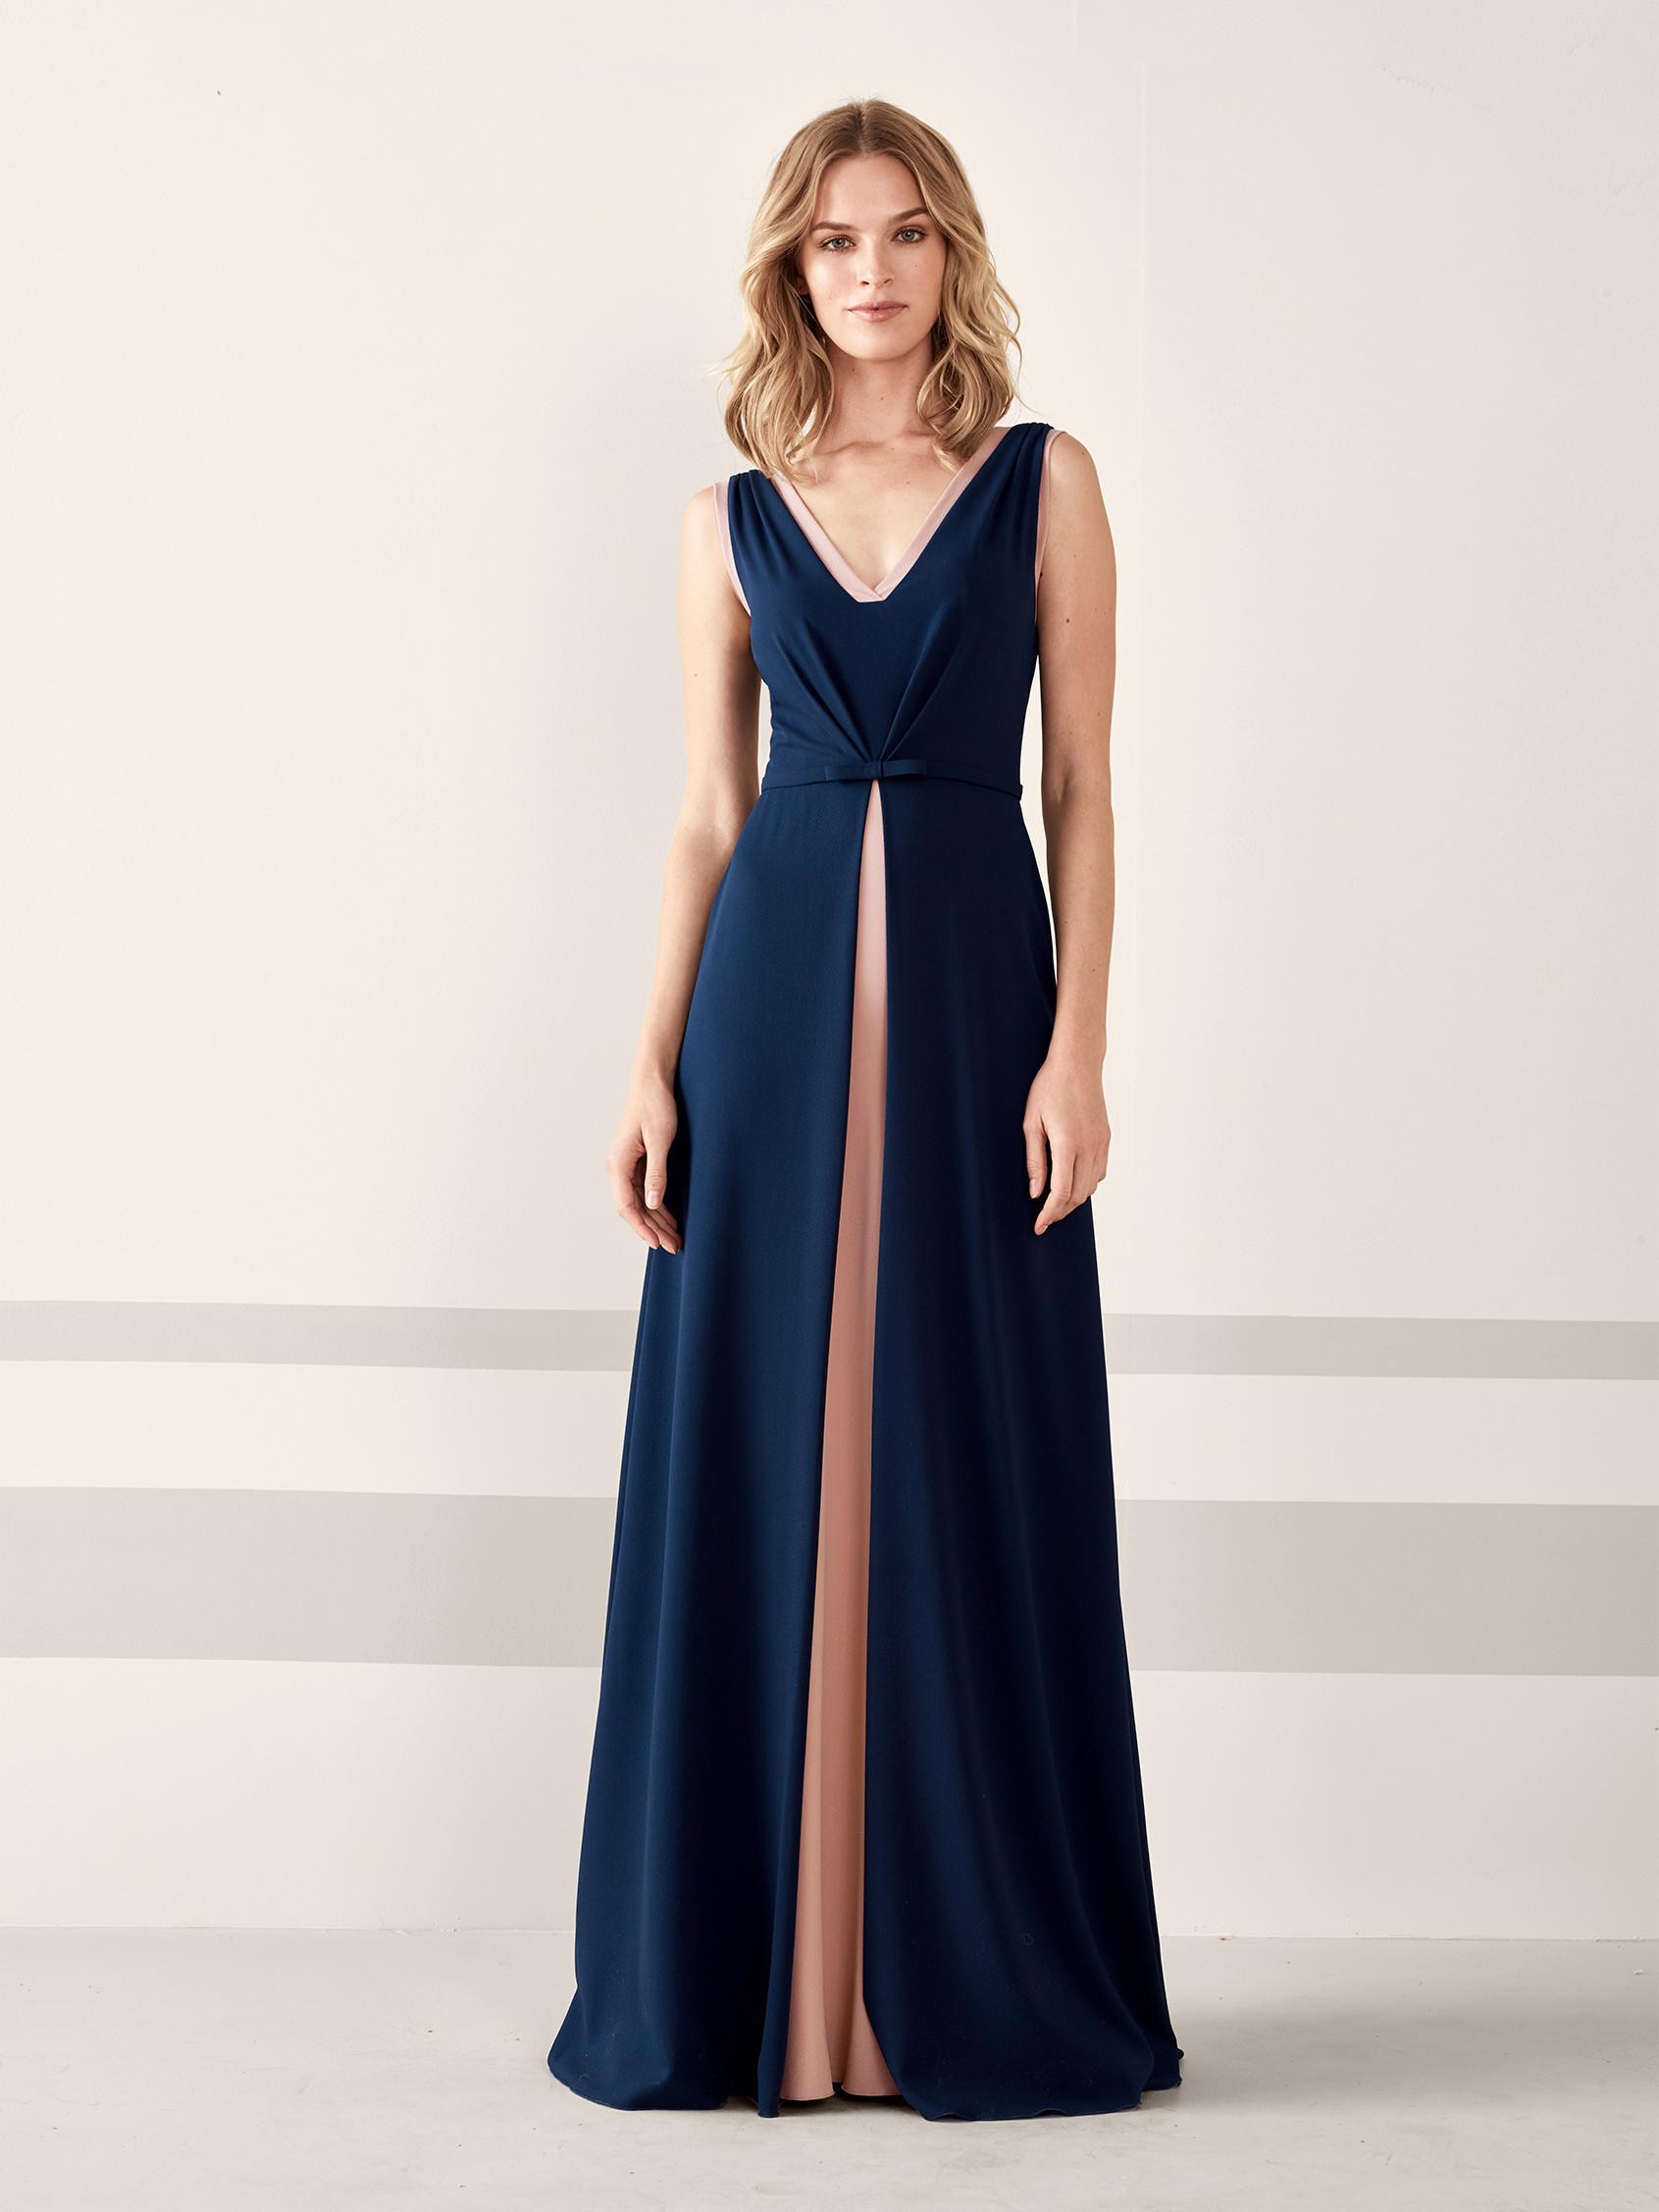 Vestidos fiesta 2019 tendencia